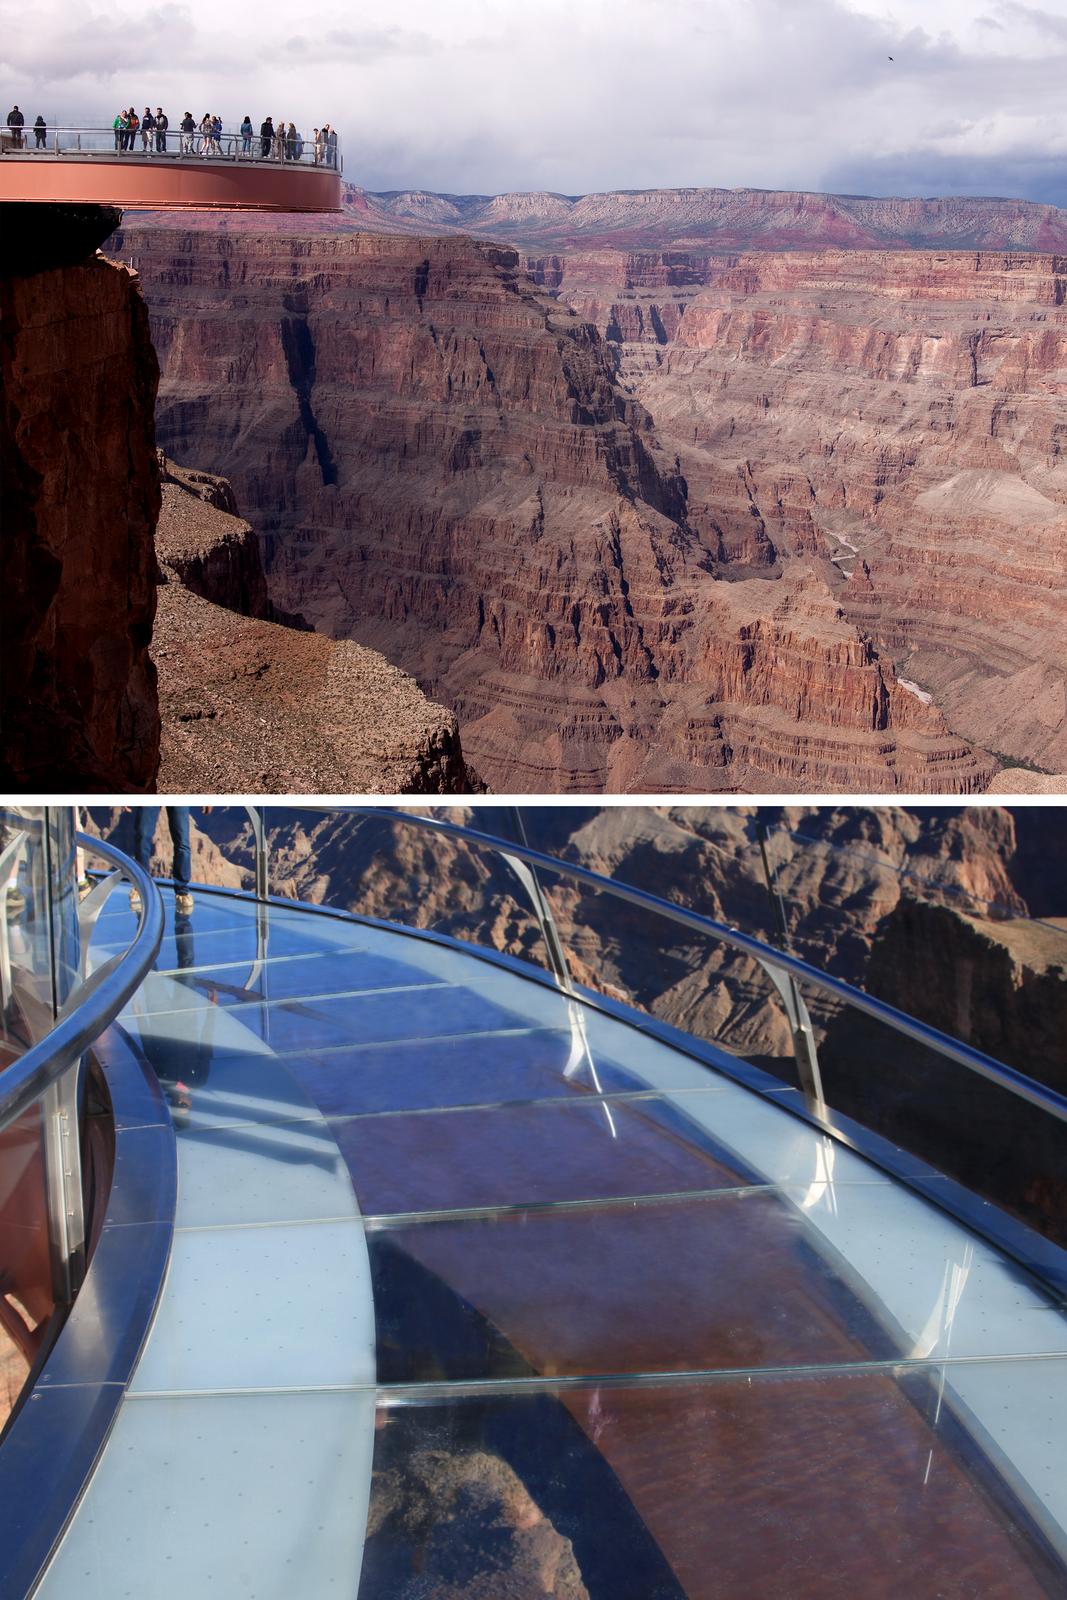 Ilustracja składa się zpary zdjęć przedstawiających szklaną platformę nad kanionem Kolorado. Na pierwszym zdjęciu wykonanym zodległości kilkudziesięciu metrów platforma widokowa pokazana jest zboku jako taras wystający kilkanaście metrów za linię skał przy lewej krawędzi kadru. Na tarasie znajduje się wkadrze około dwudziestu osób. Dolne zdjęcie prezentuje taras zbliska. Okazuje się, że ma on formę ścieżki wkształcie łuku, adokładnie litery Uiszerokość około trzech metrów, ajego podłoże wykonane jest ze szklanych płyt umożliwiających spojrzenie pod nogi wprost wprzepaść. Fragment tarasu, który uwieczniono na tym zdjęciu jest pusty, aprzez szklaną taflę widać skały rozciągające się setki metrów poniżej.